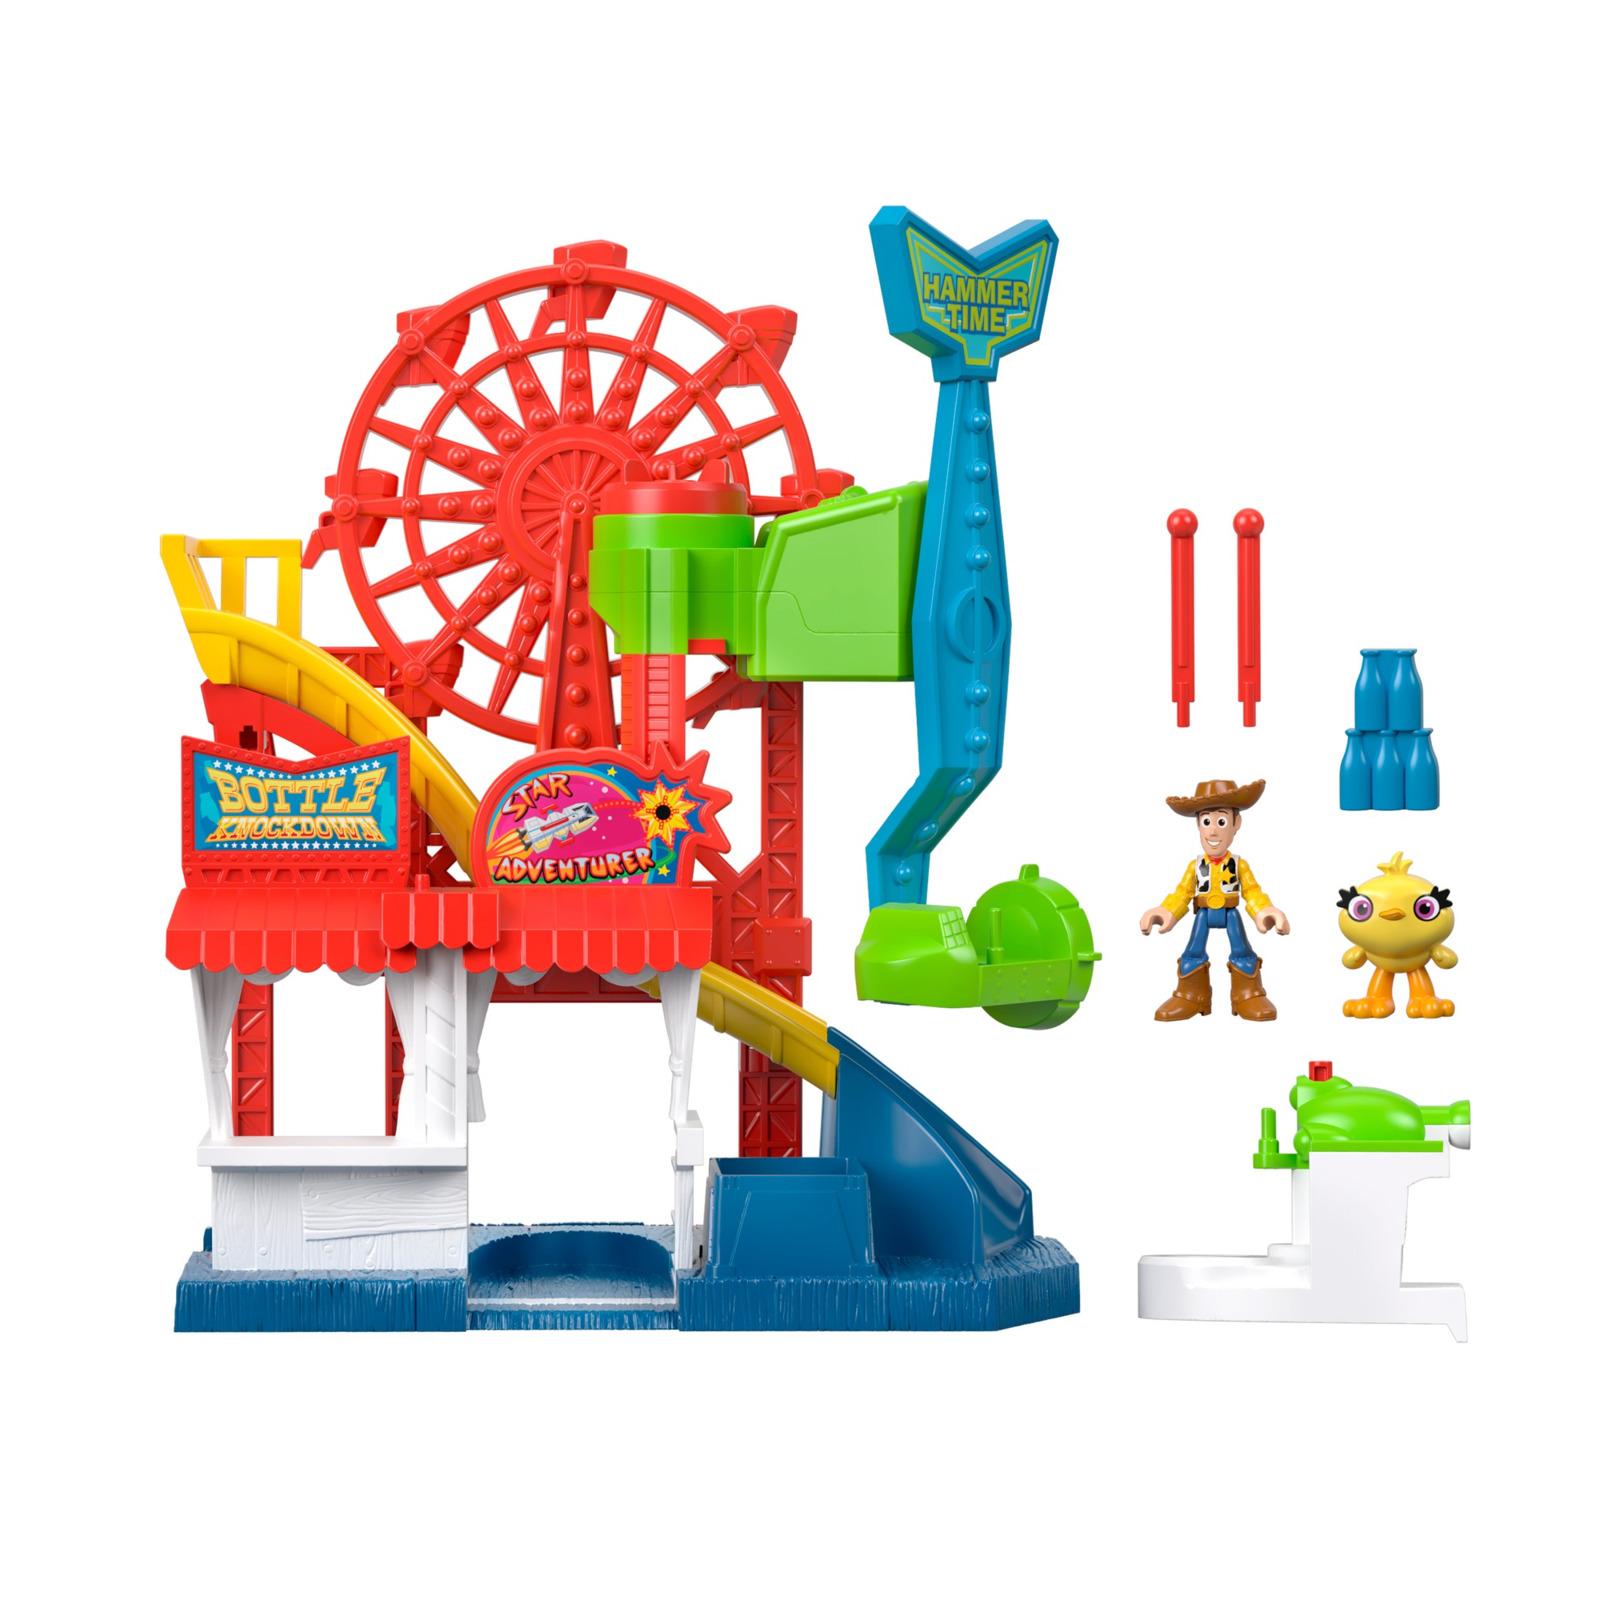 Игровой набор Imaginext История игрушек-4 Карнавал, GBG66 imaginext игровой набор dc super friends feature villain